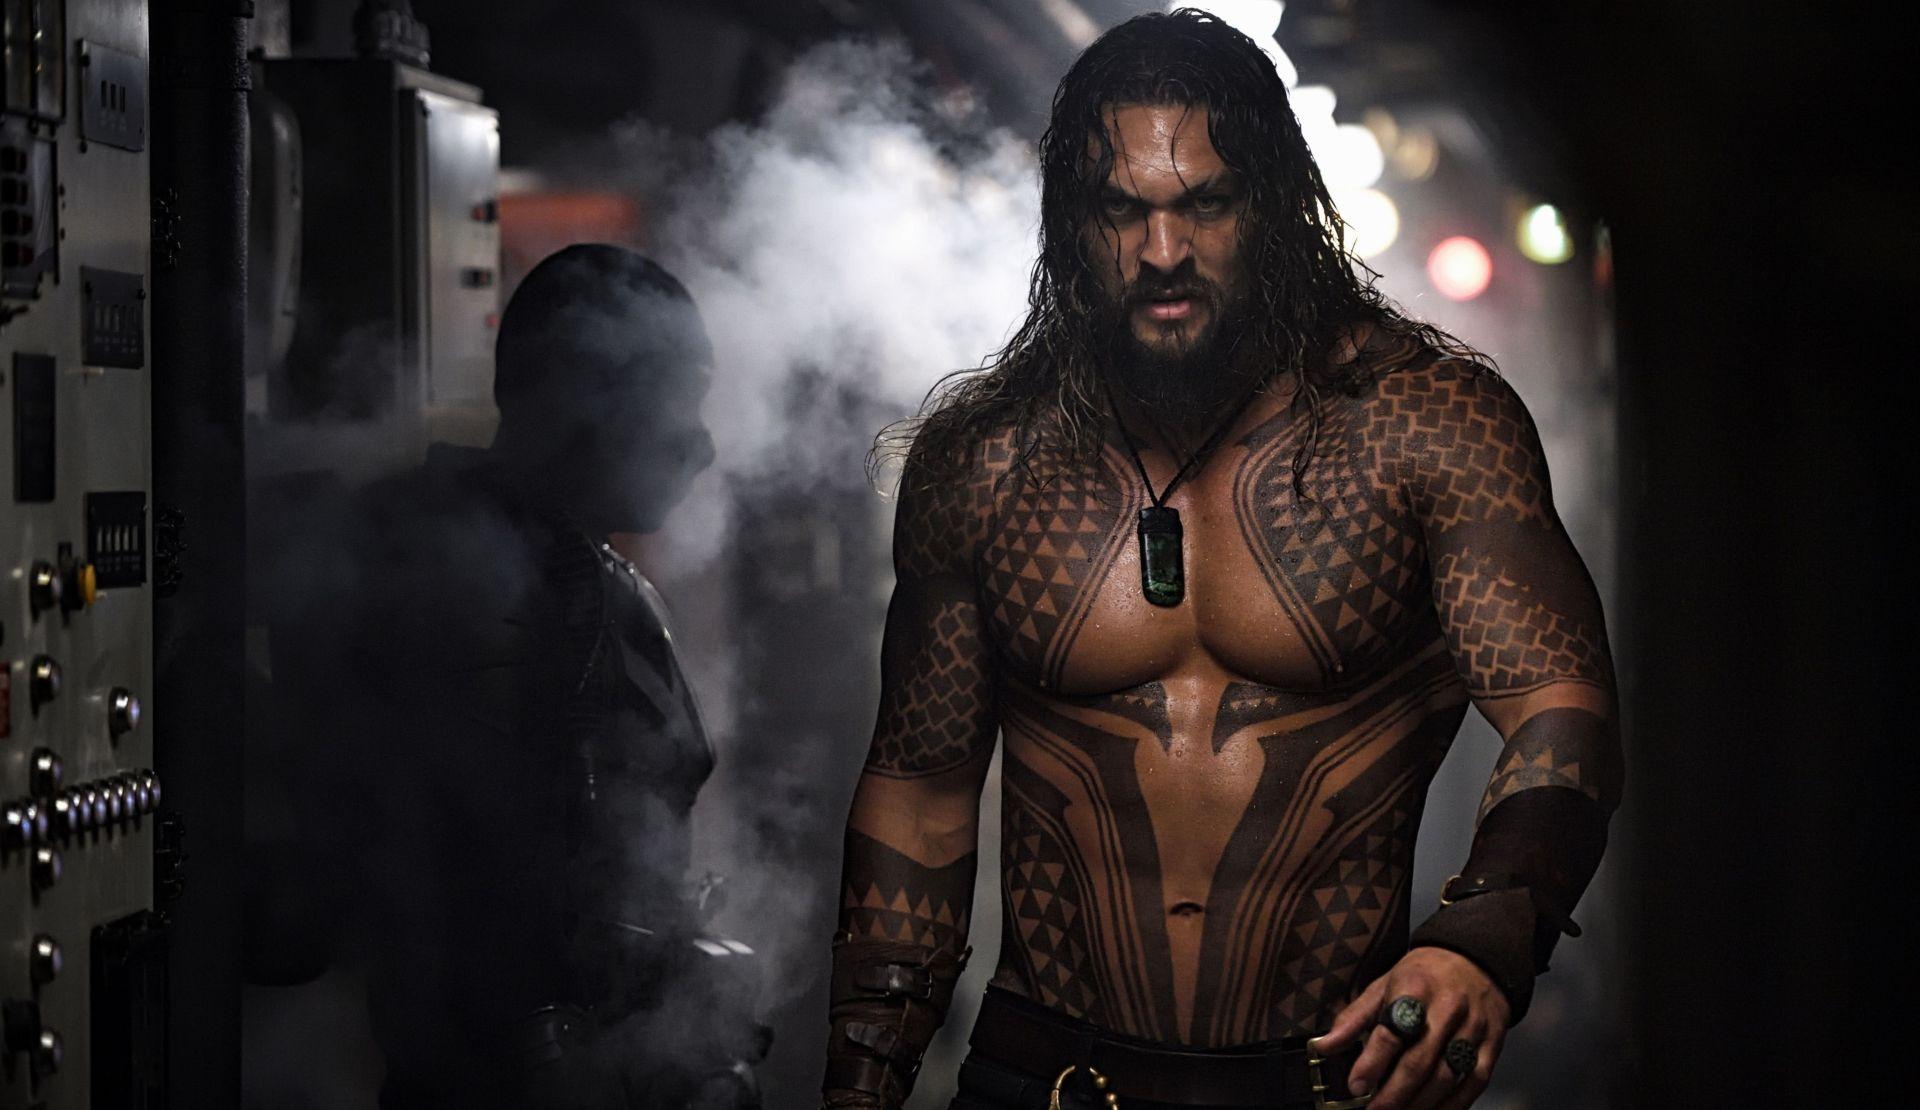 Aquaman sai do estereótipo de herói e busca referência mágica em ficção científica